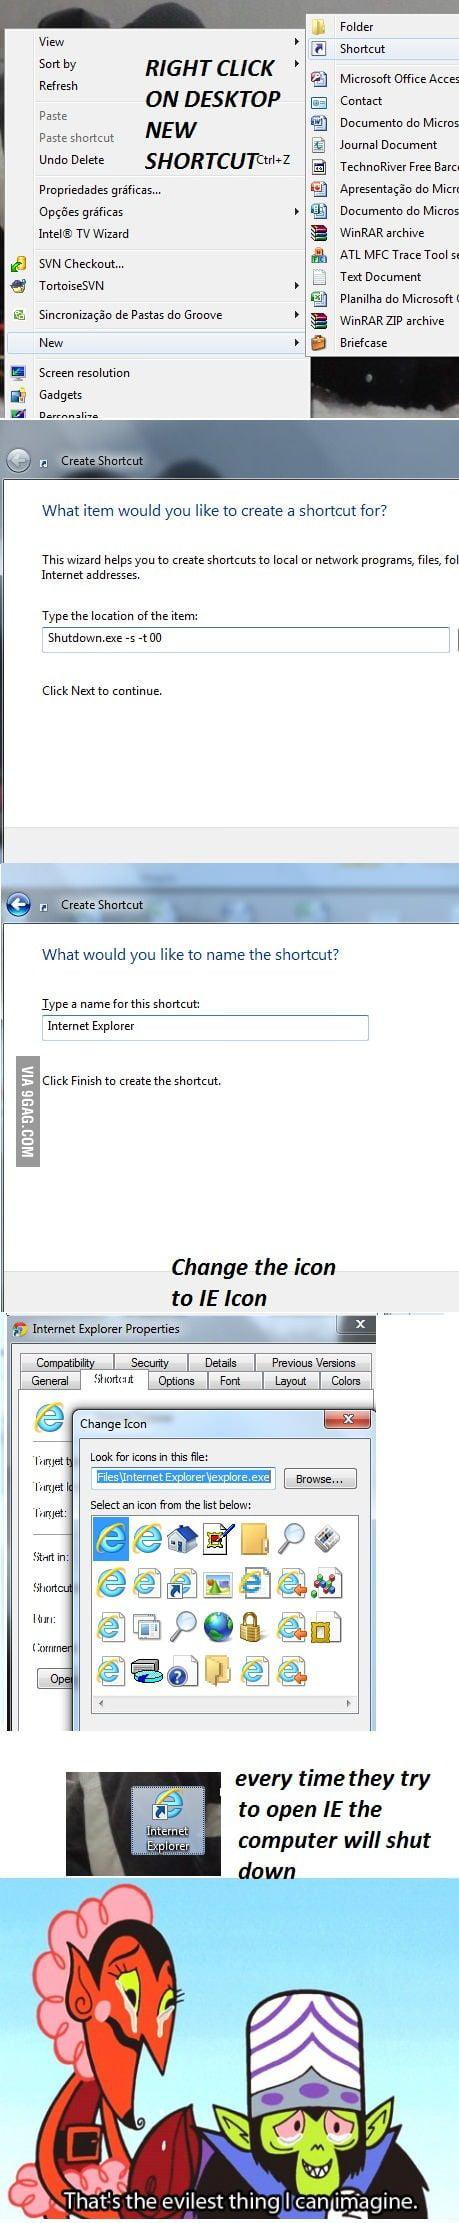 how to make internet explorer